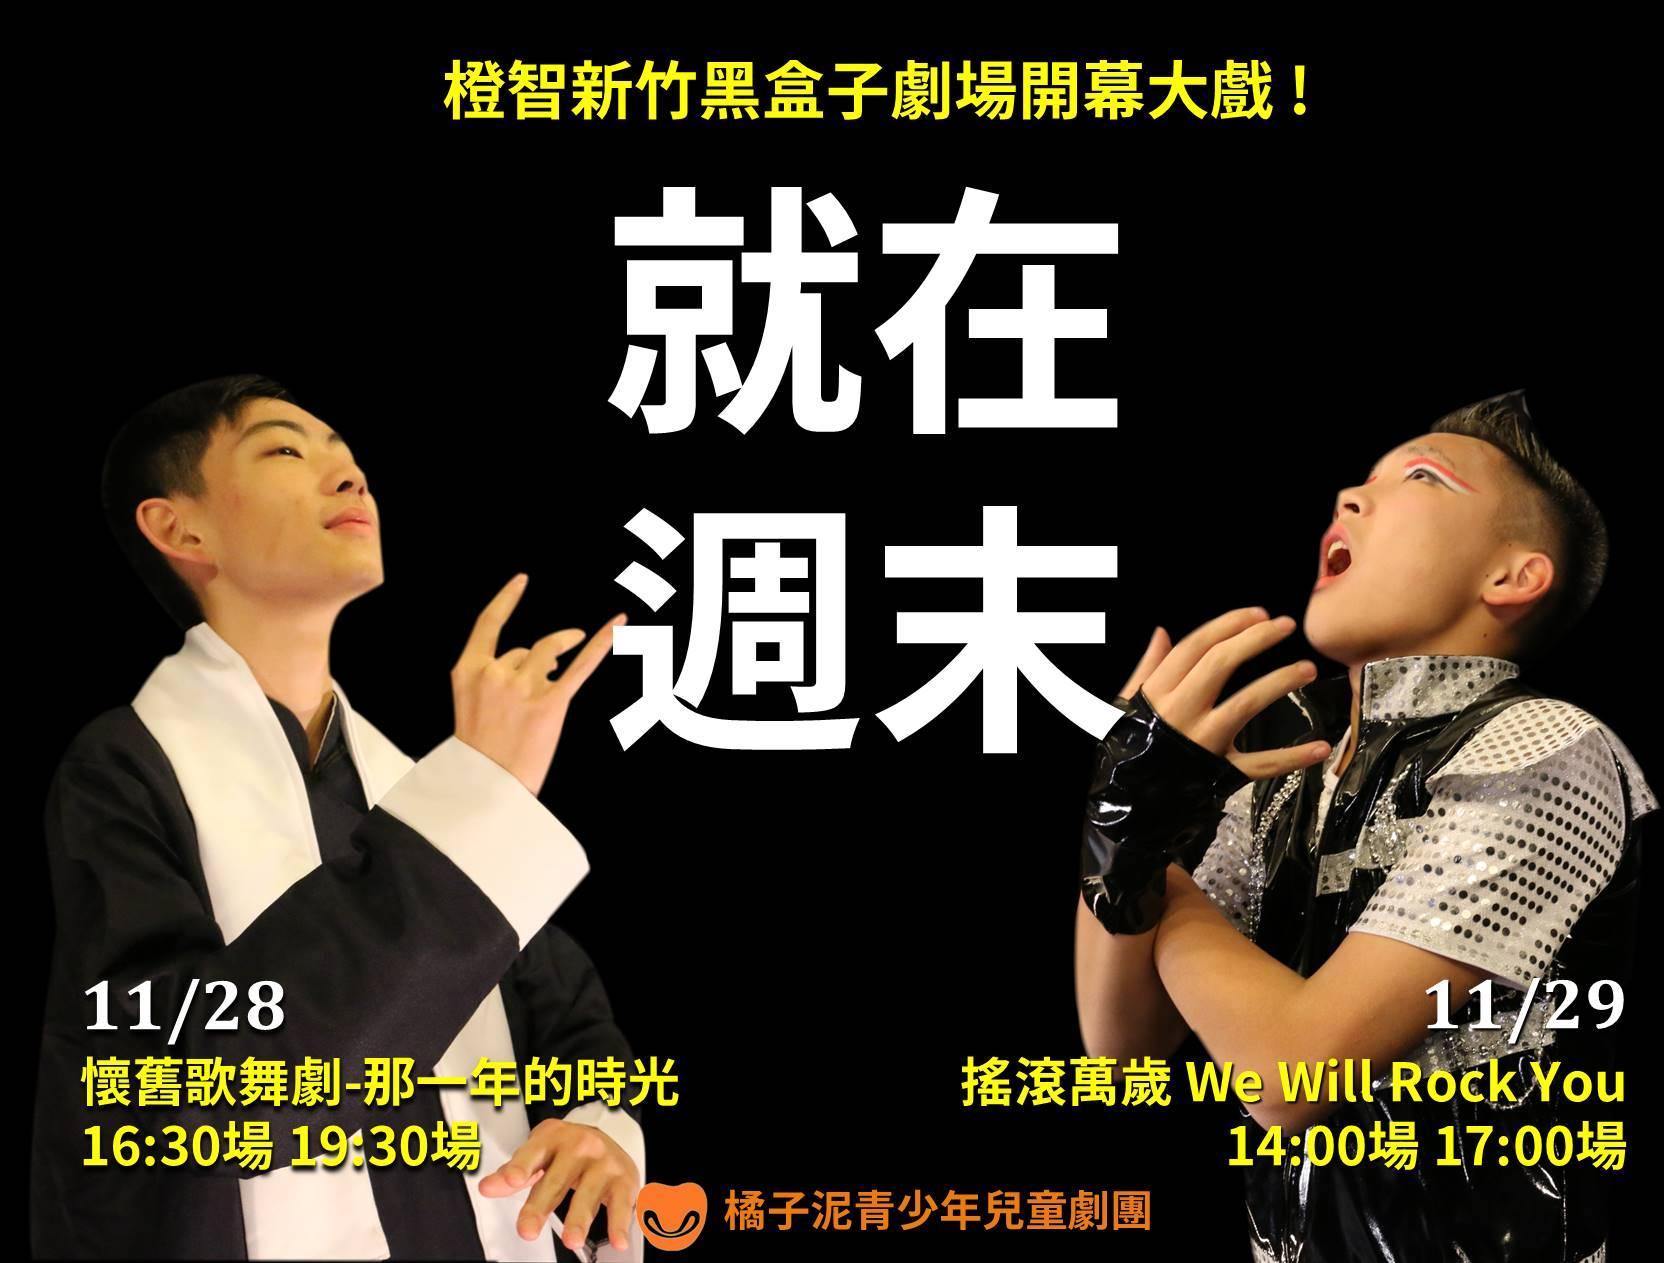 【年度公演】就在週末! 橙智新竹中心黑盒子劇場開幕! 台北團、新竹團大戲接連演出!